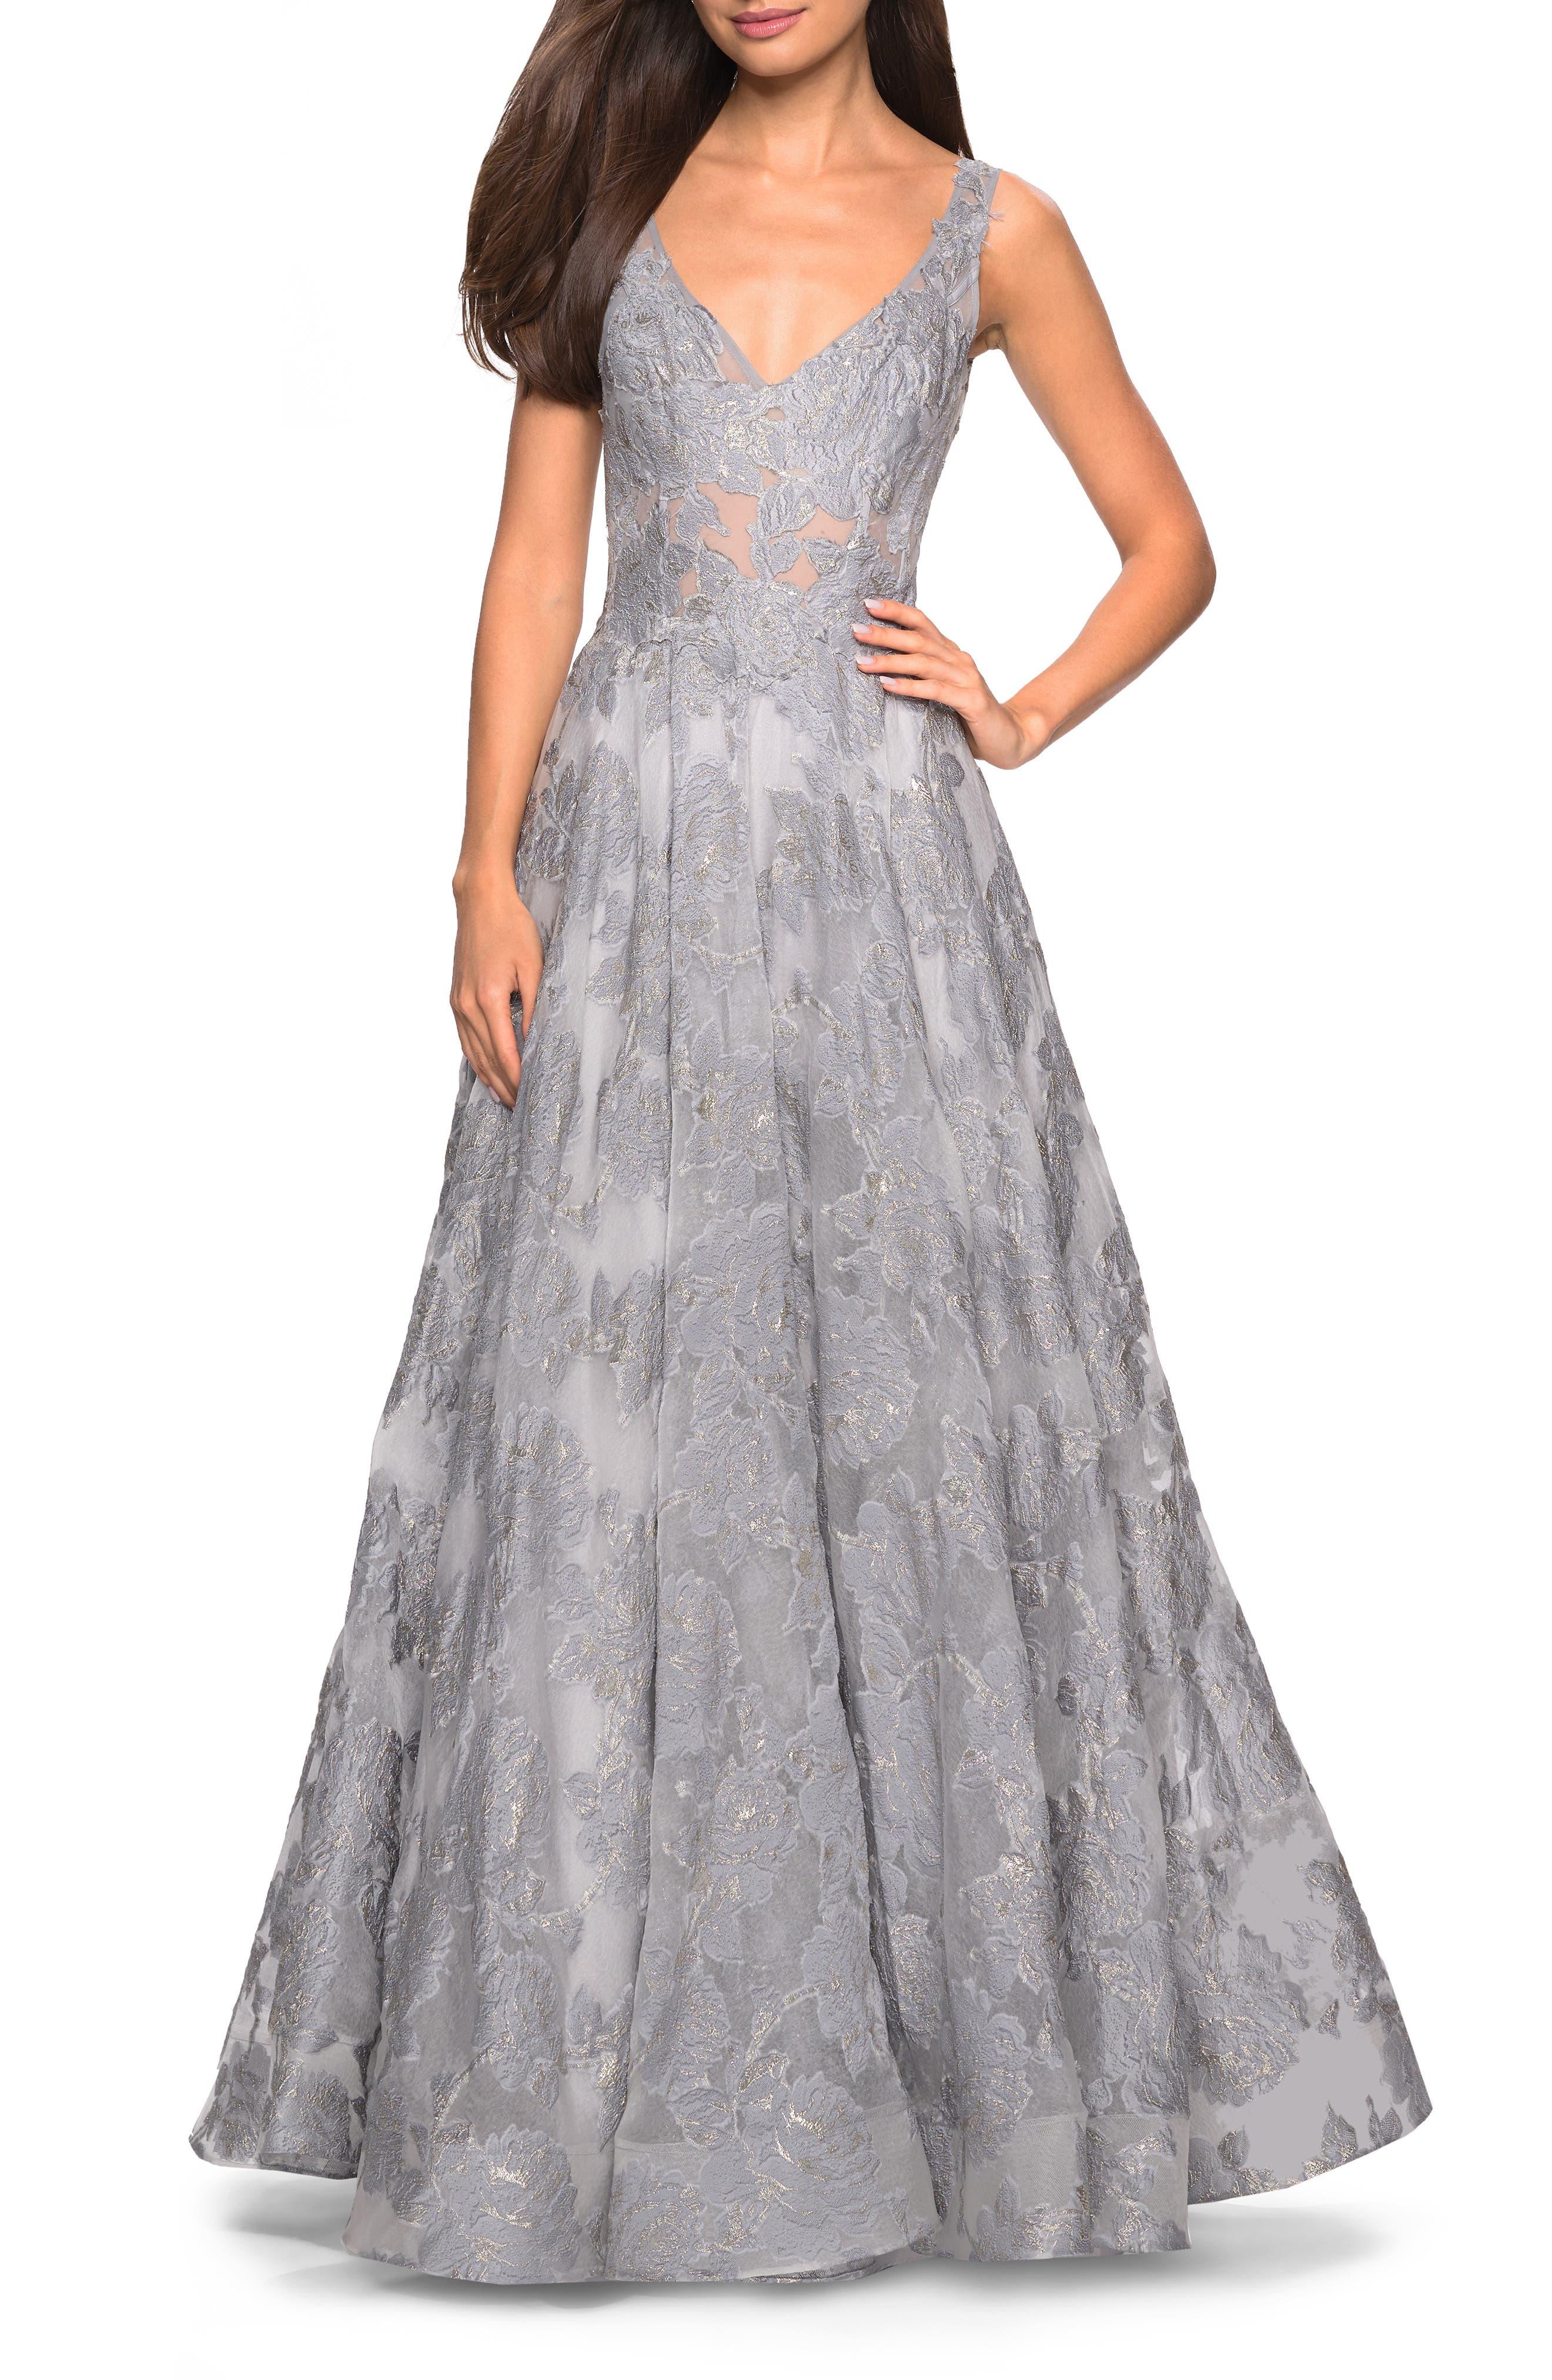 LA FEMME,                             Lace A-Line Evening Dress,                             Main thumbnail 1, color,                             SILVER